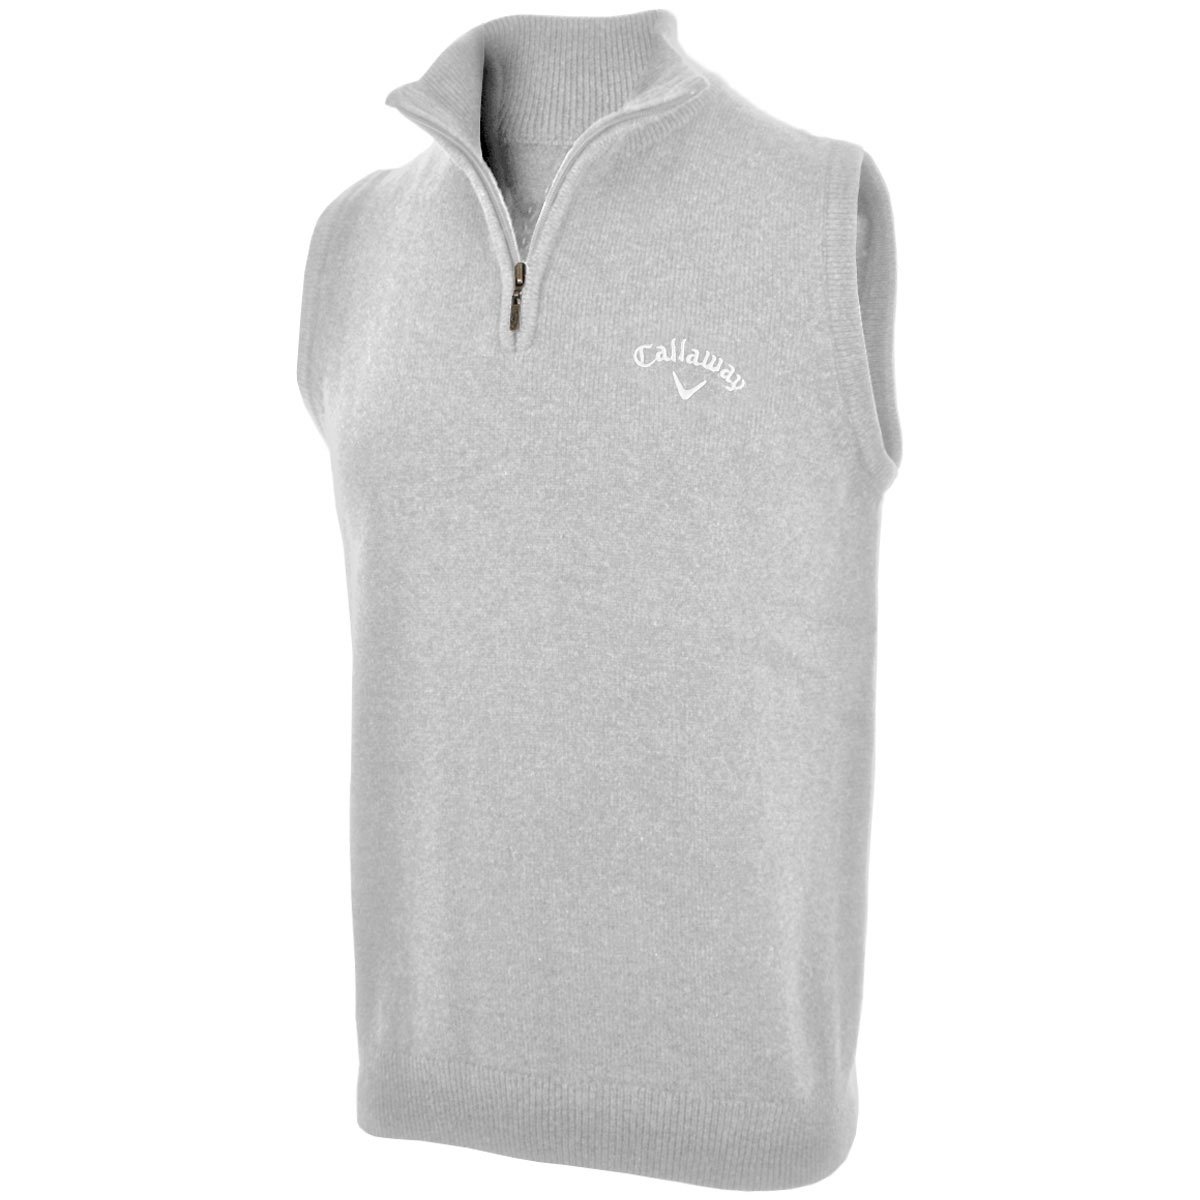 Amazon.com: Cutter & Buck Men's Sandpoint Half Zip Golf Vest Wind ...